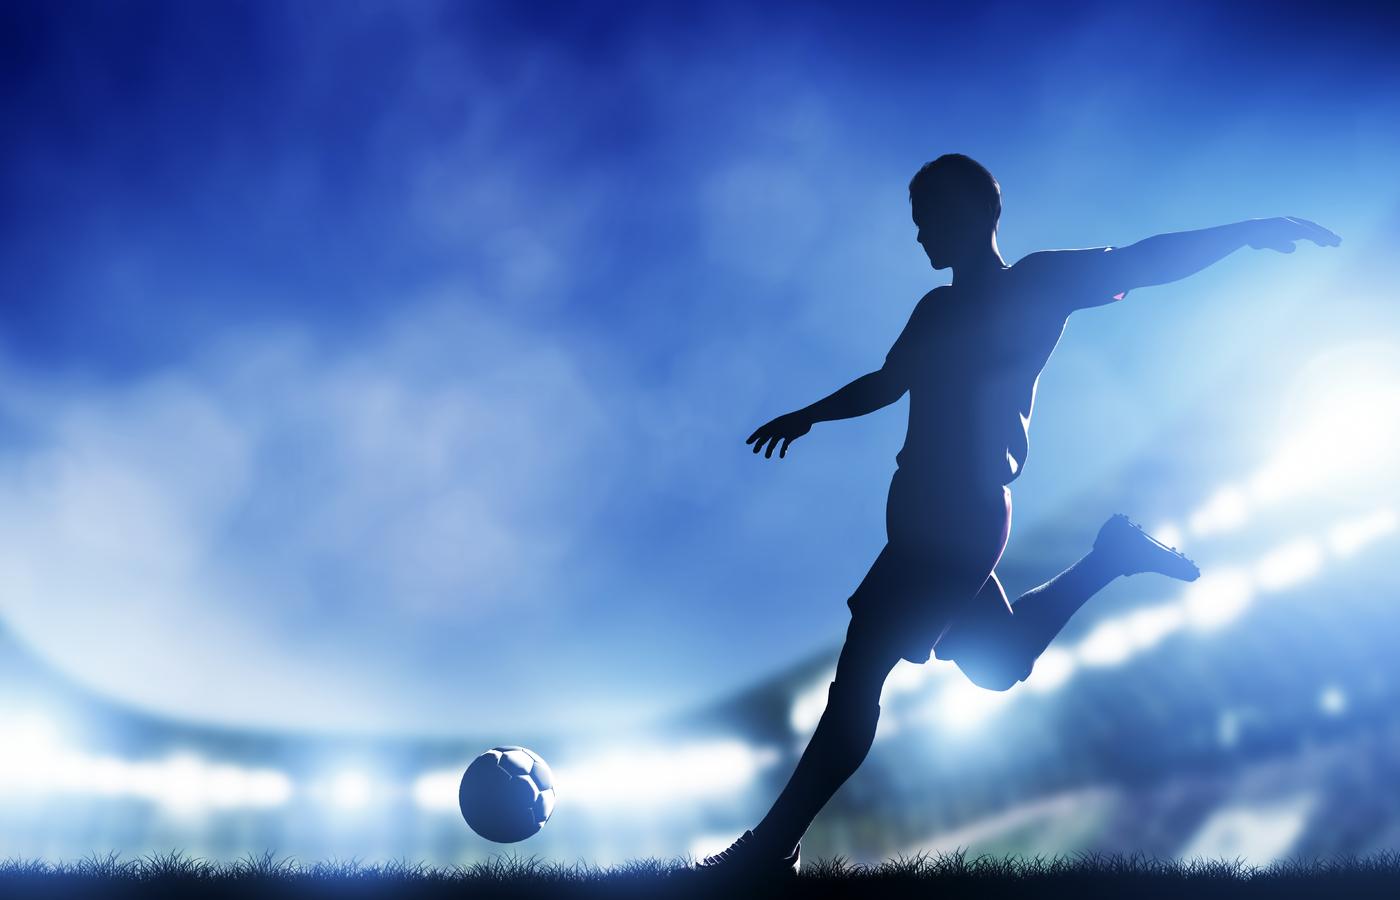 cristiano-ronaldo-kicking-football-27.jpg